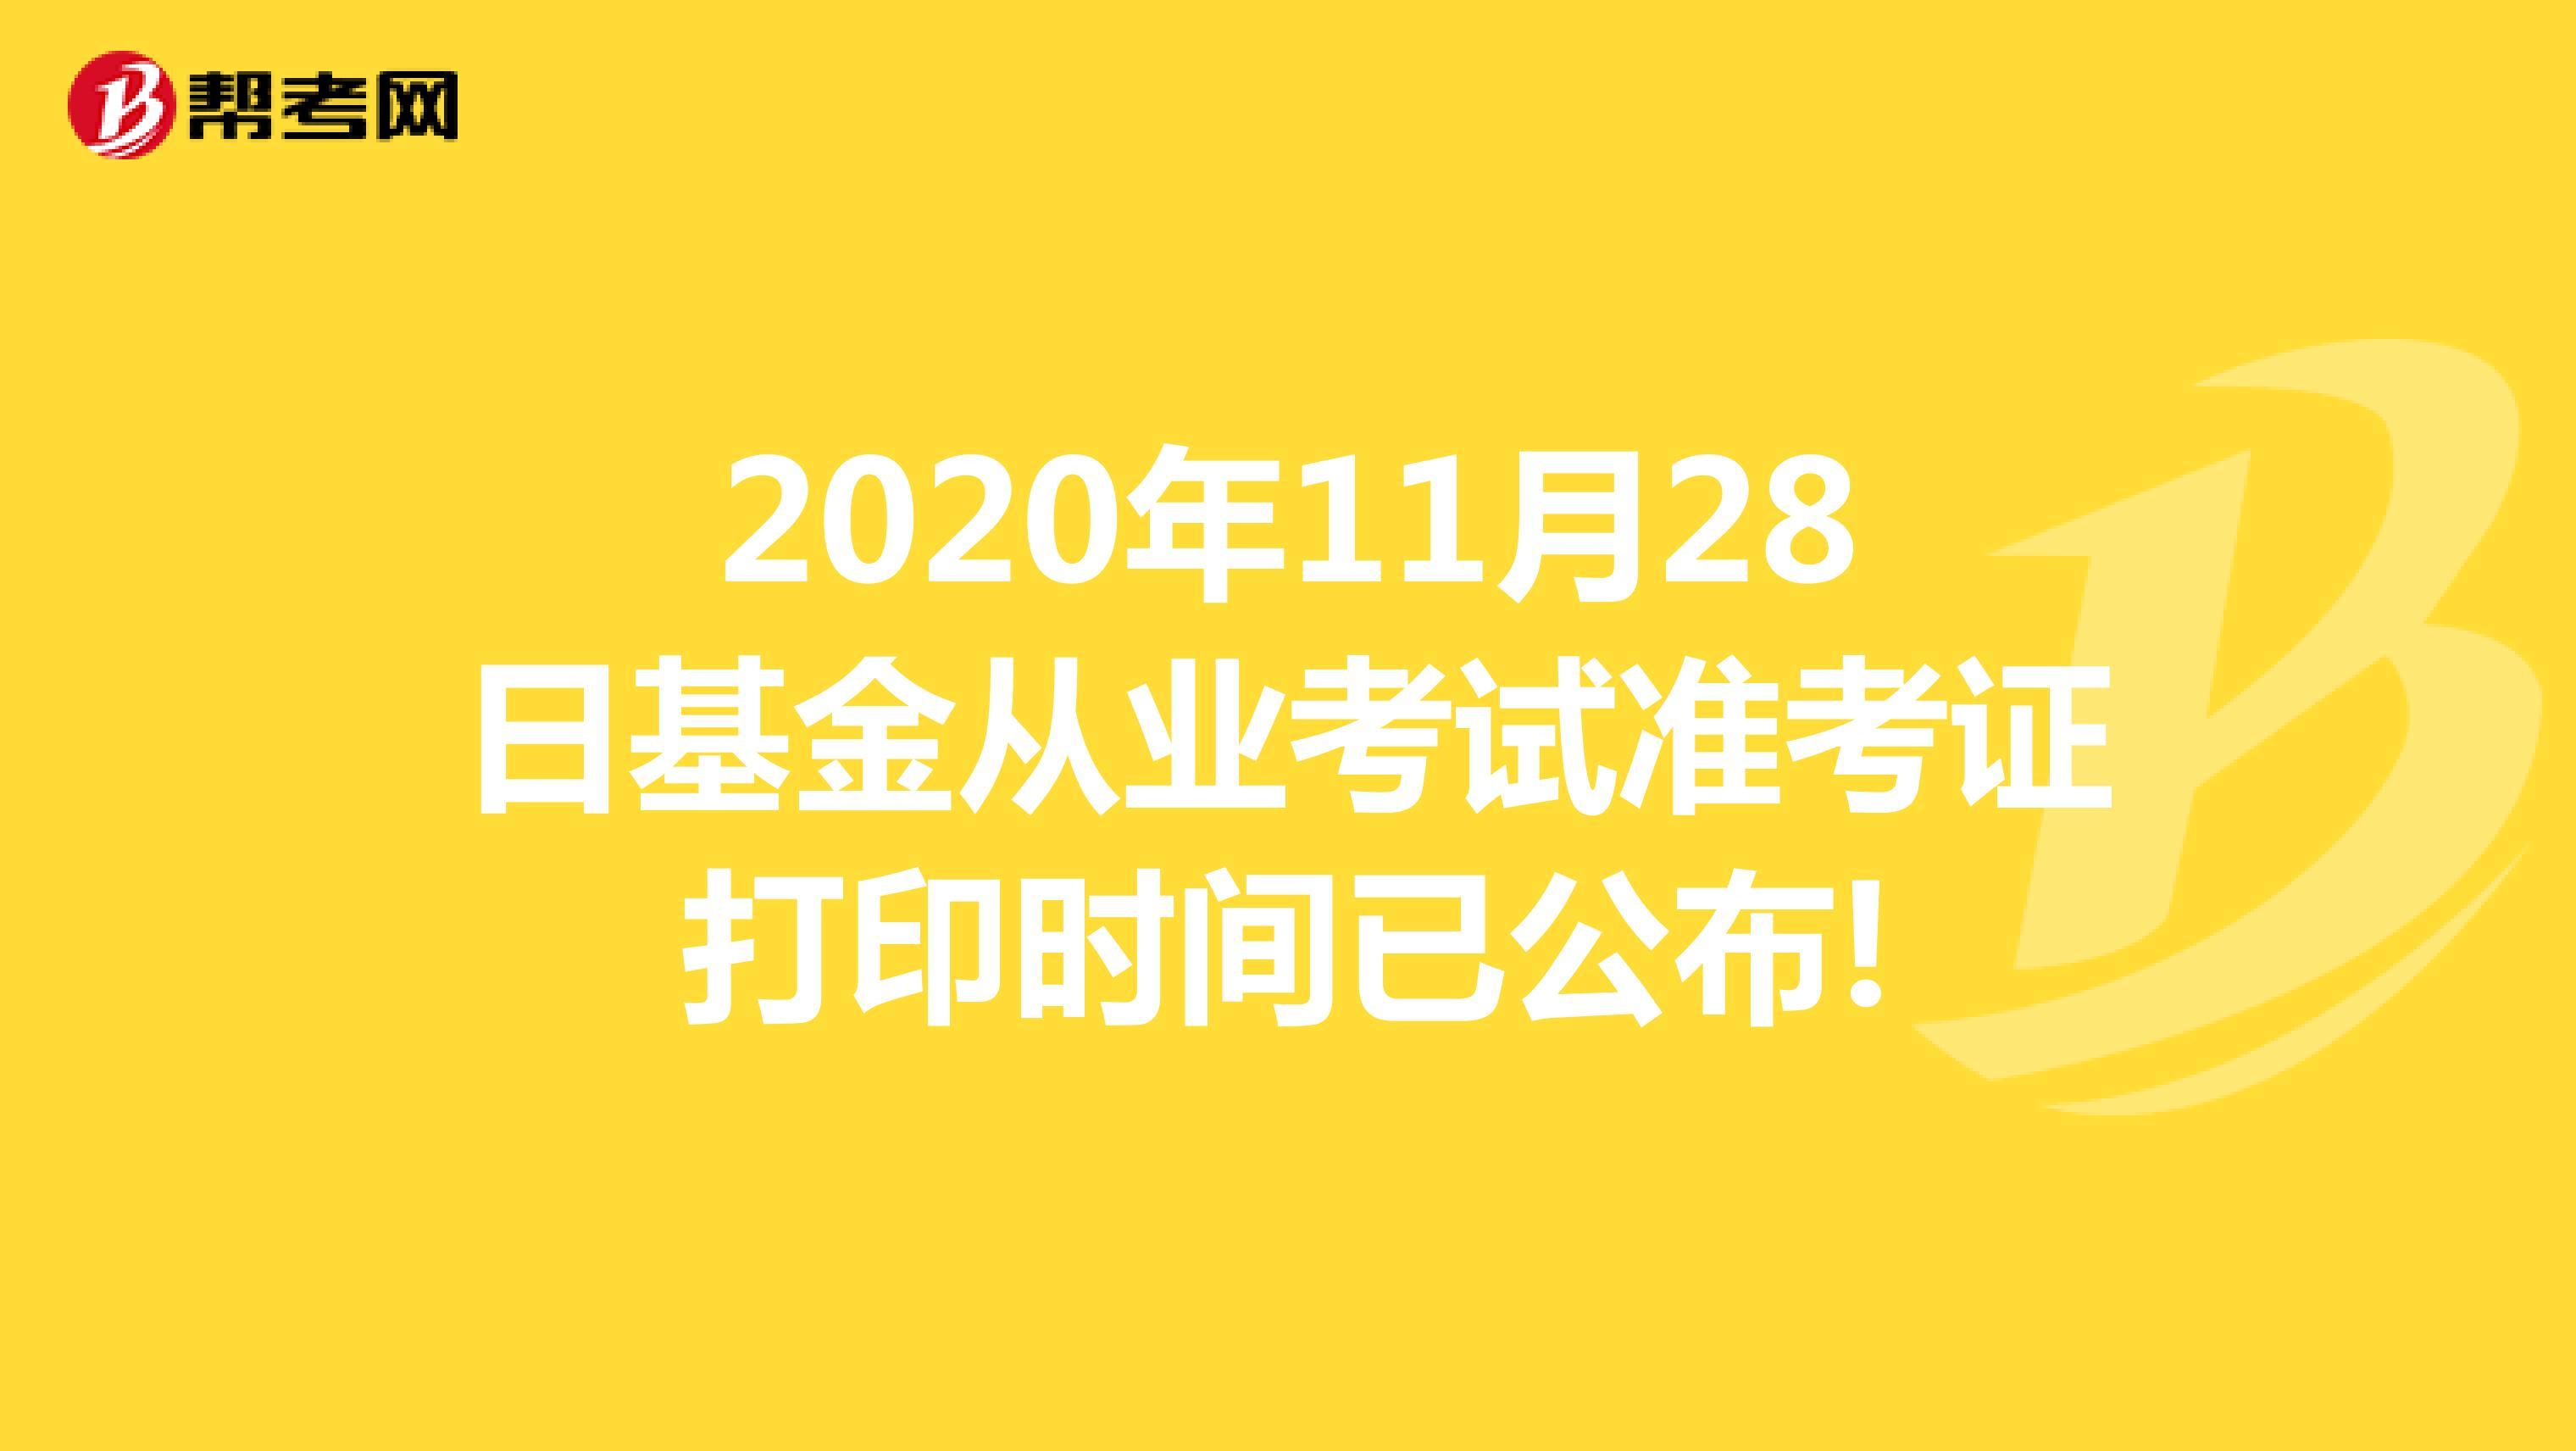 2020年11月28日基金雷火雷火雷火雷火时间已公布!